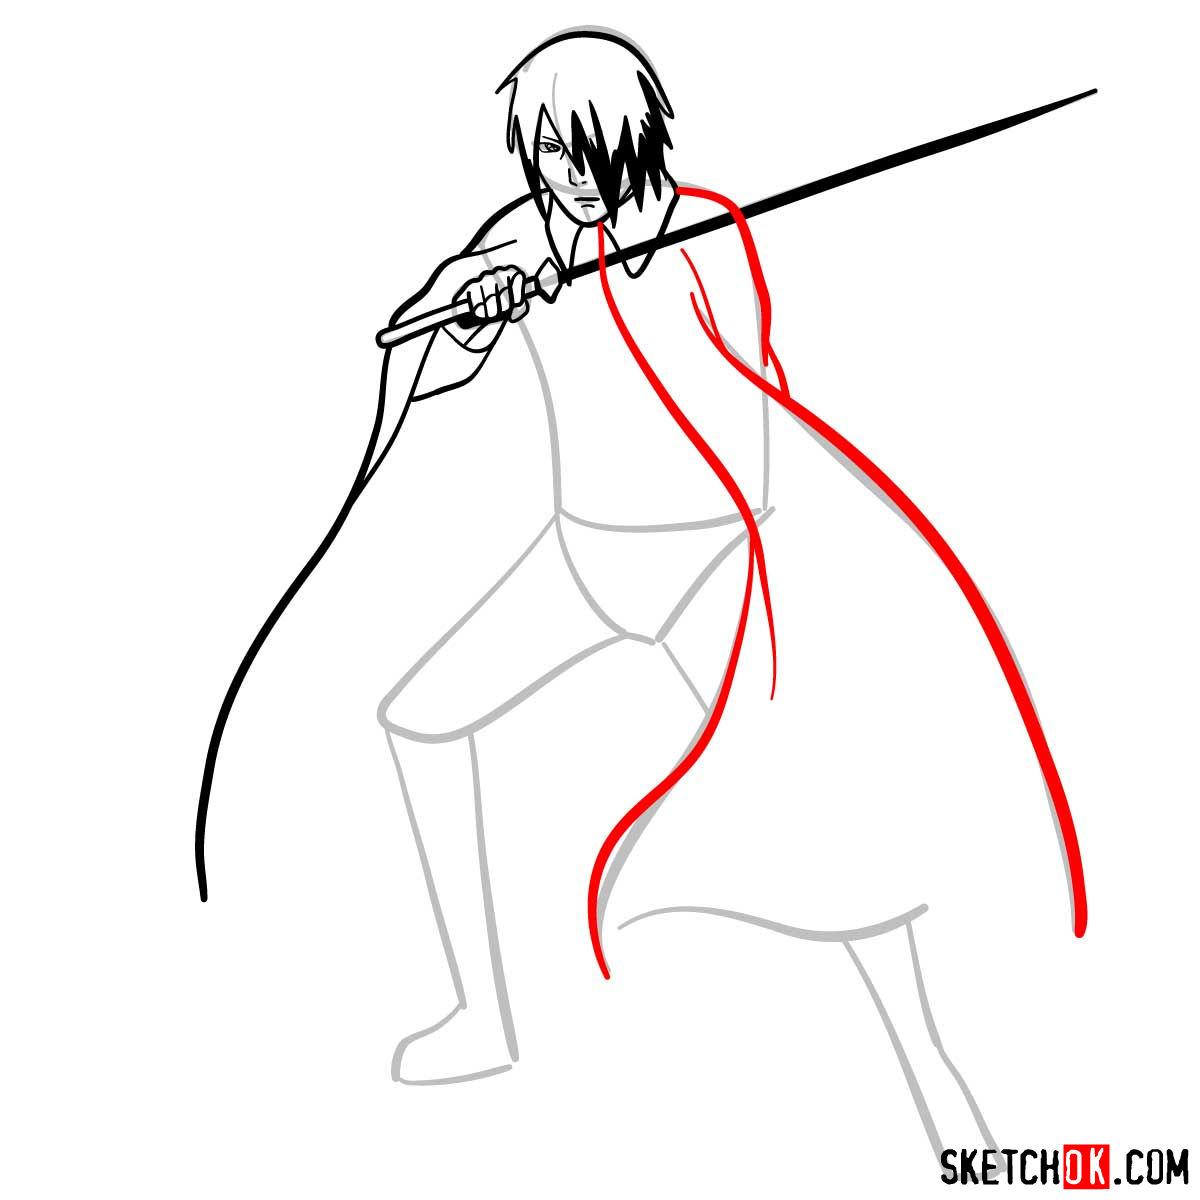 How to draw Sasuke Uchiha from Naruto anime - step 07